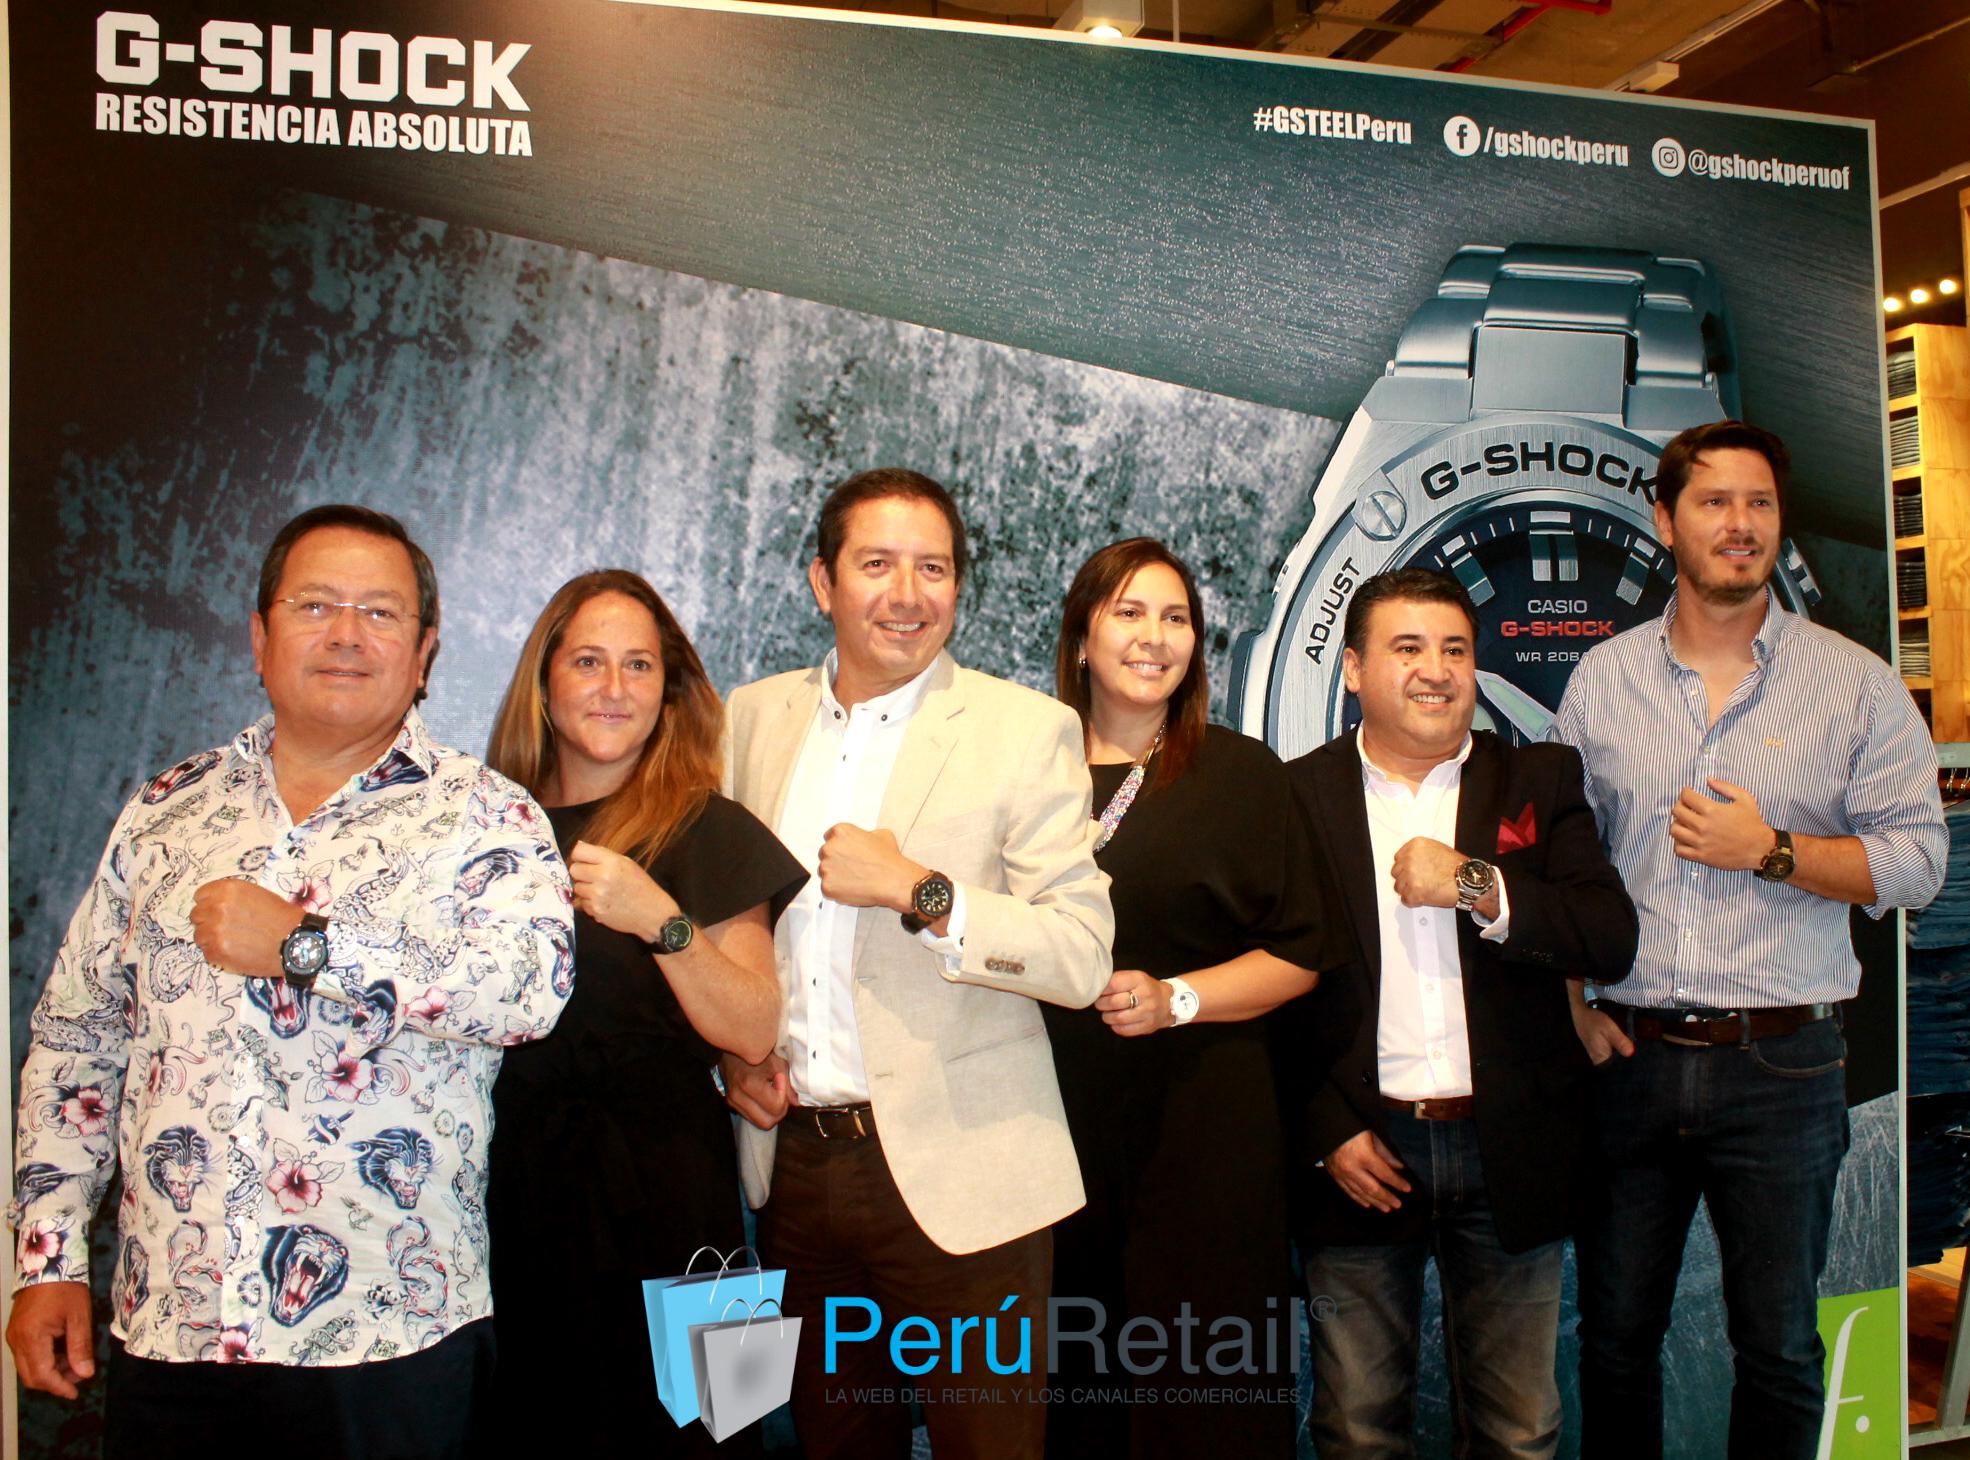 4571 Peru Retail - G-SHOCK presenta nueva línea de relojes en Perú